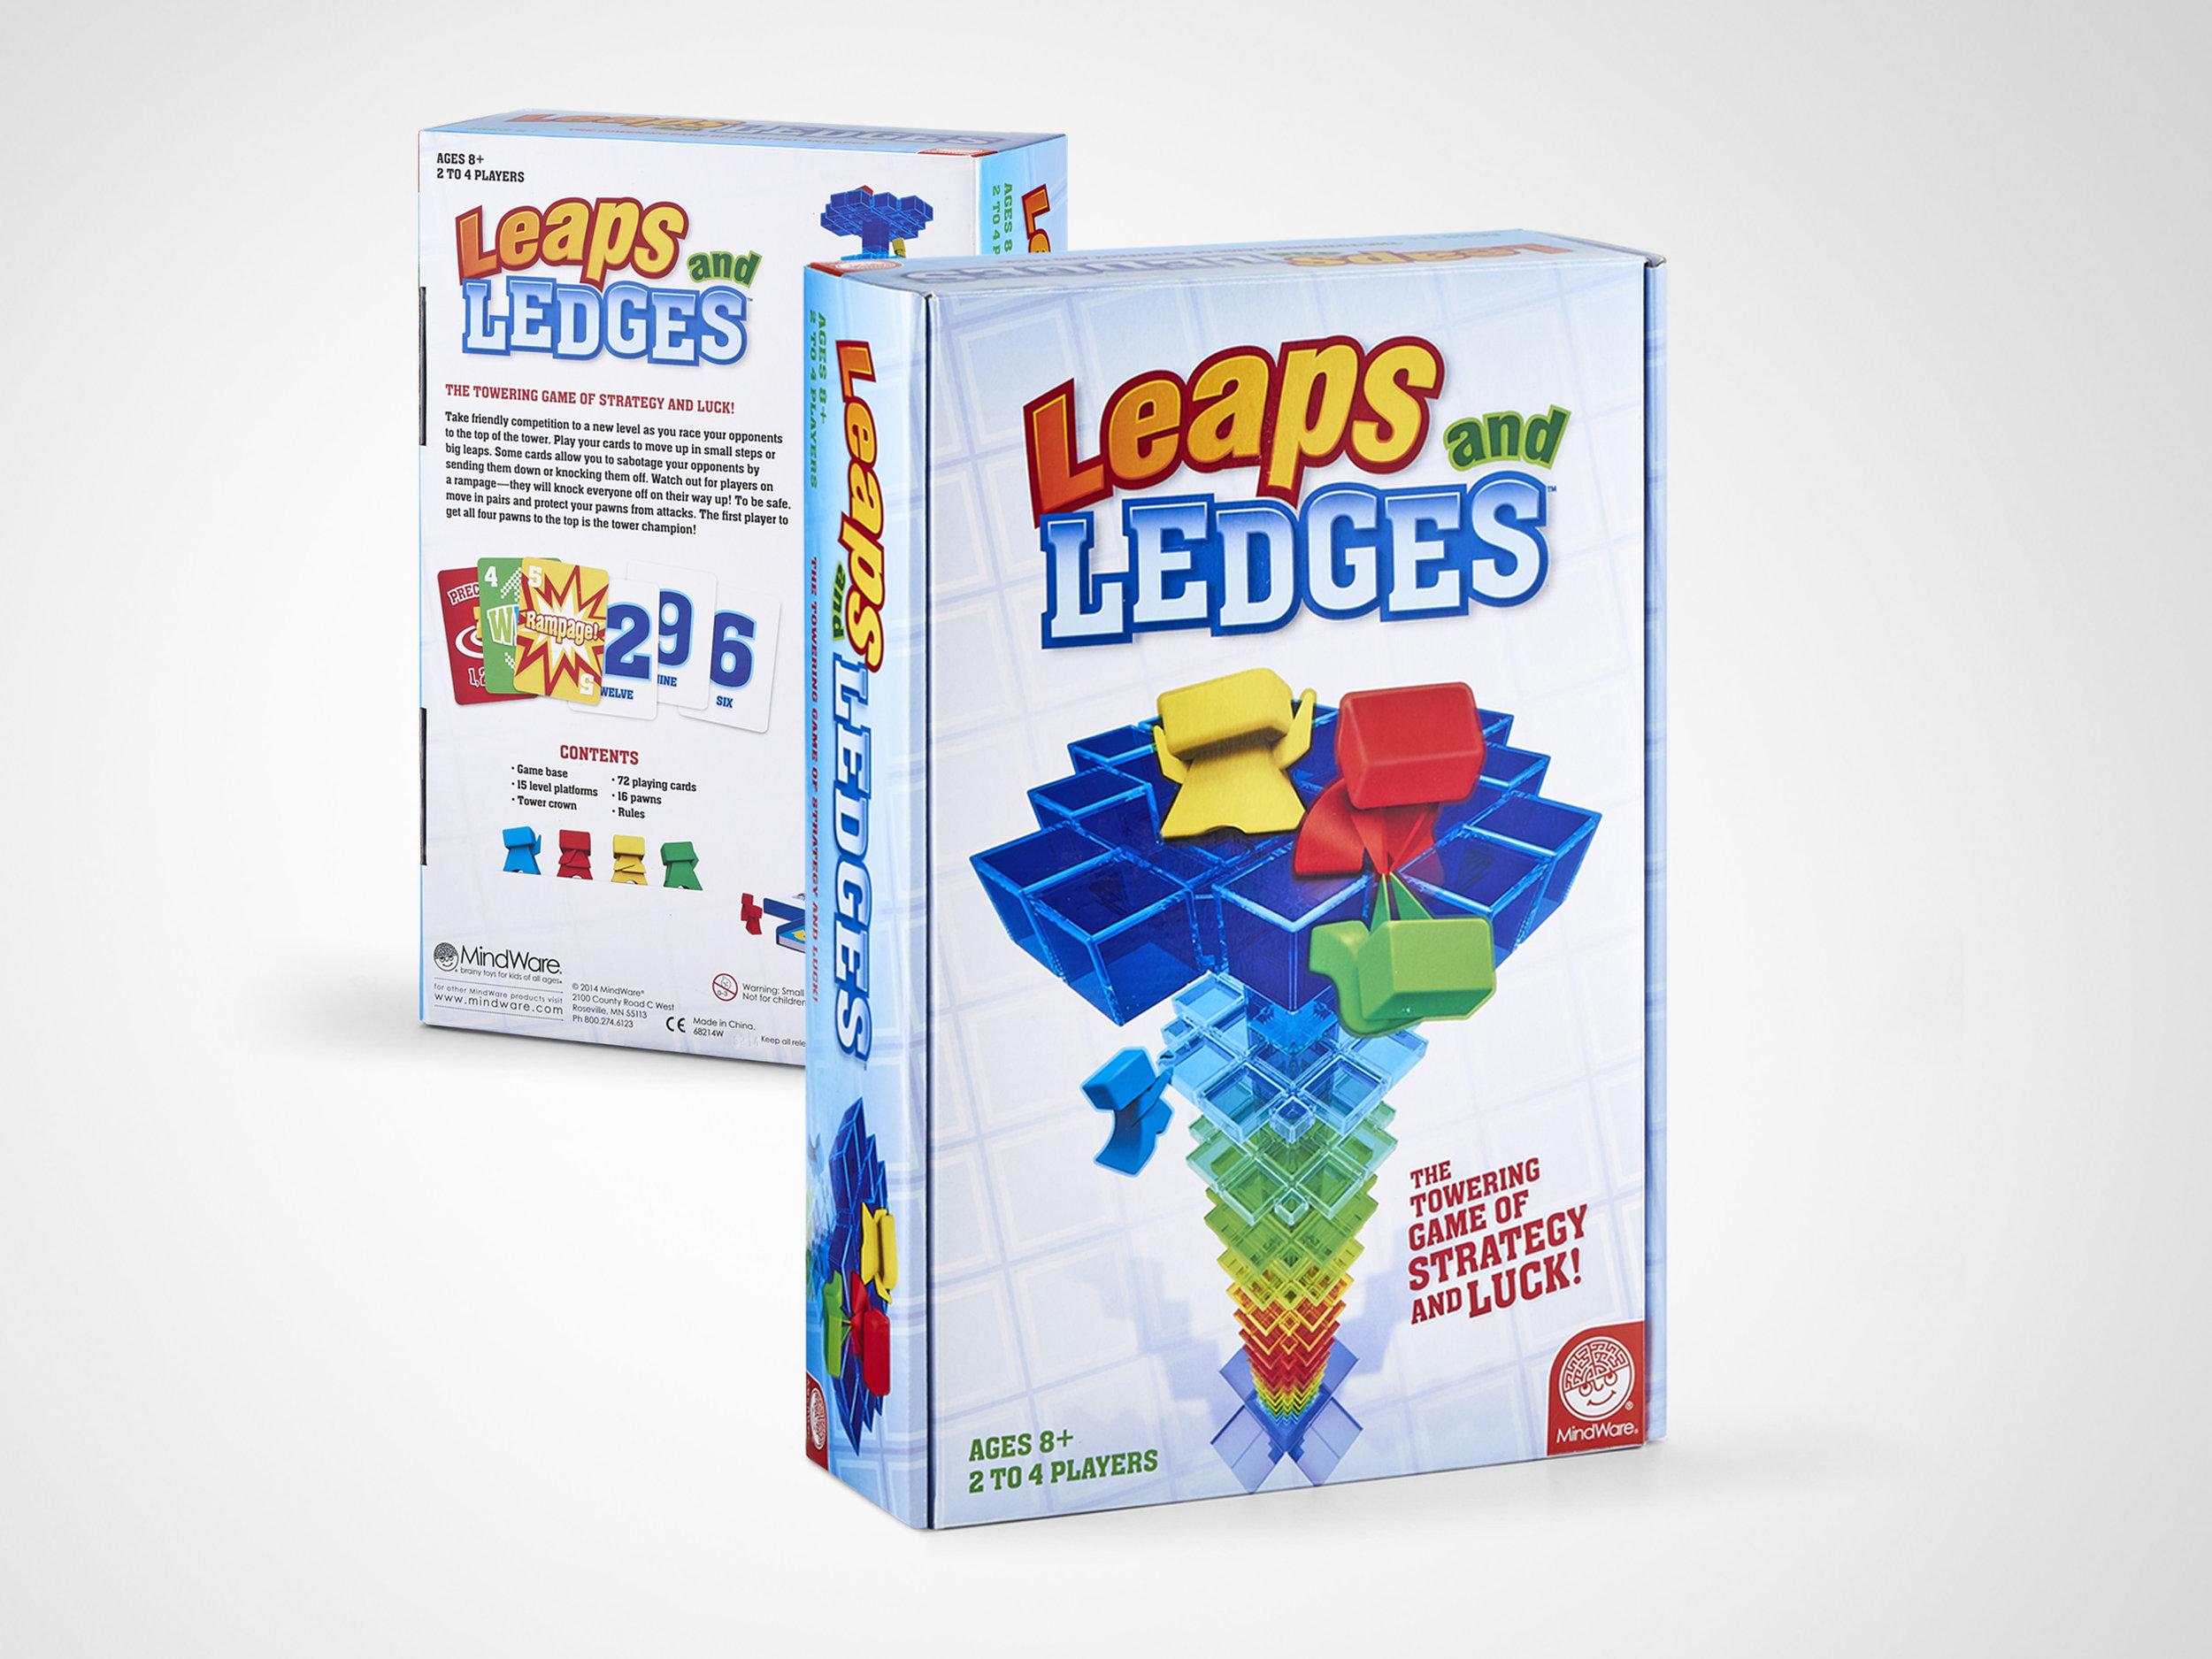 03_Leaps_Ledges_Front-copy4.jpg